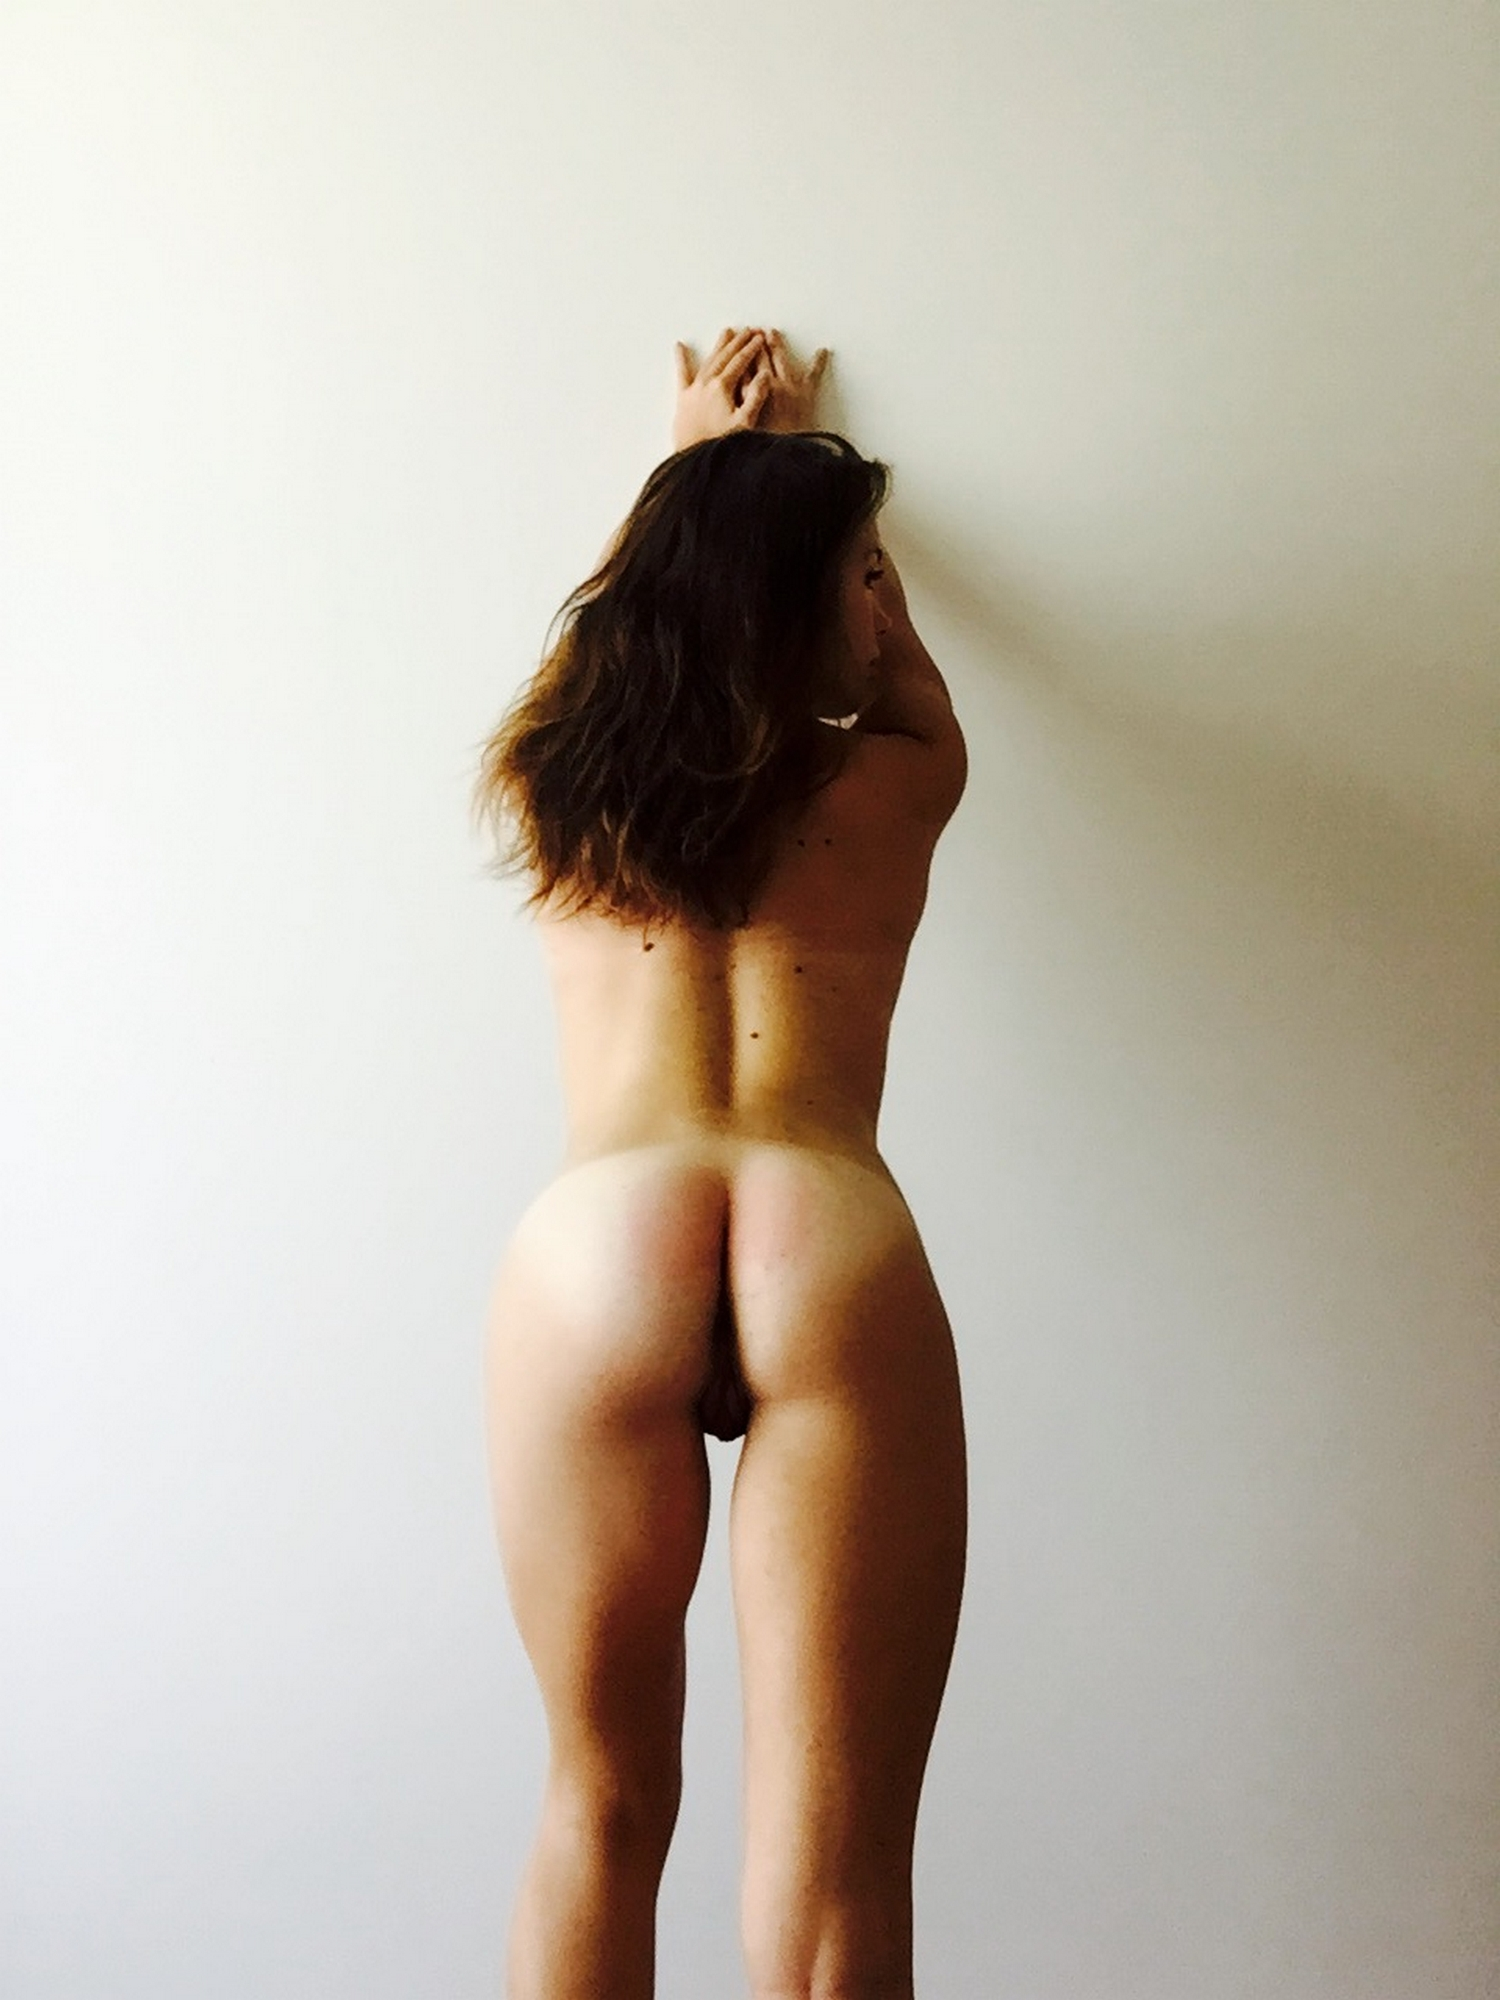 Загорелая спортсменка стоит у стены и хвастается стройным телом